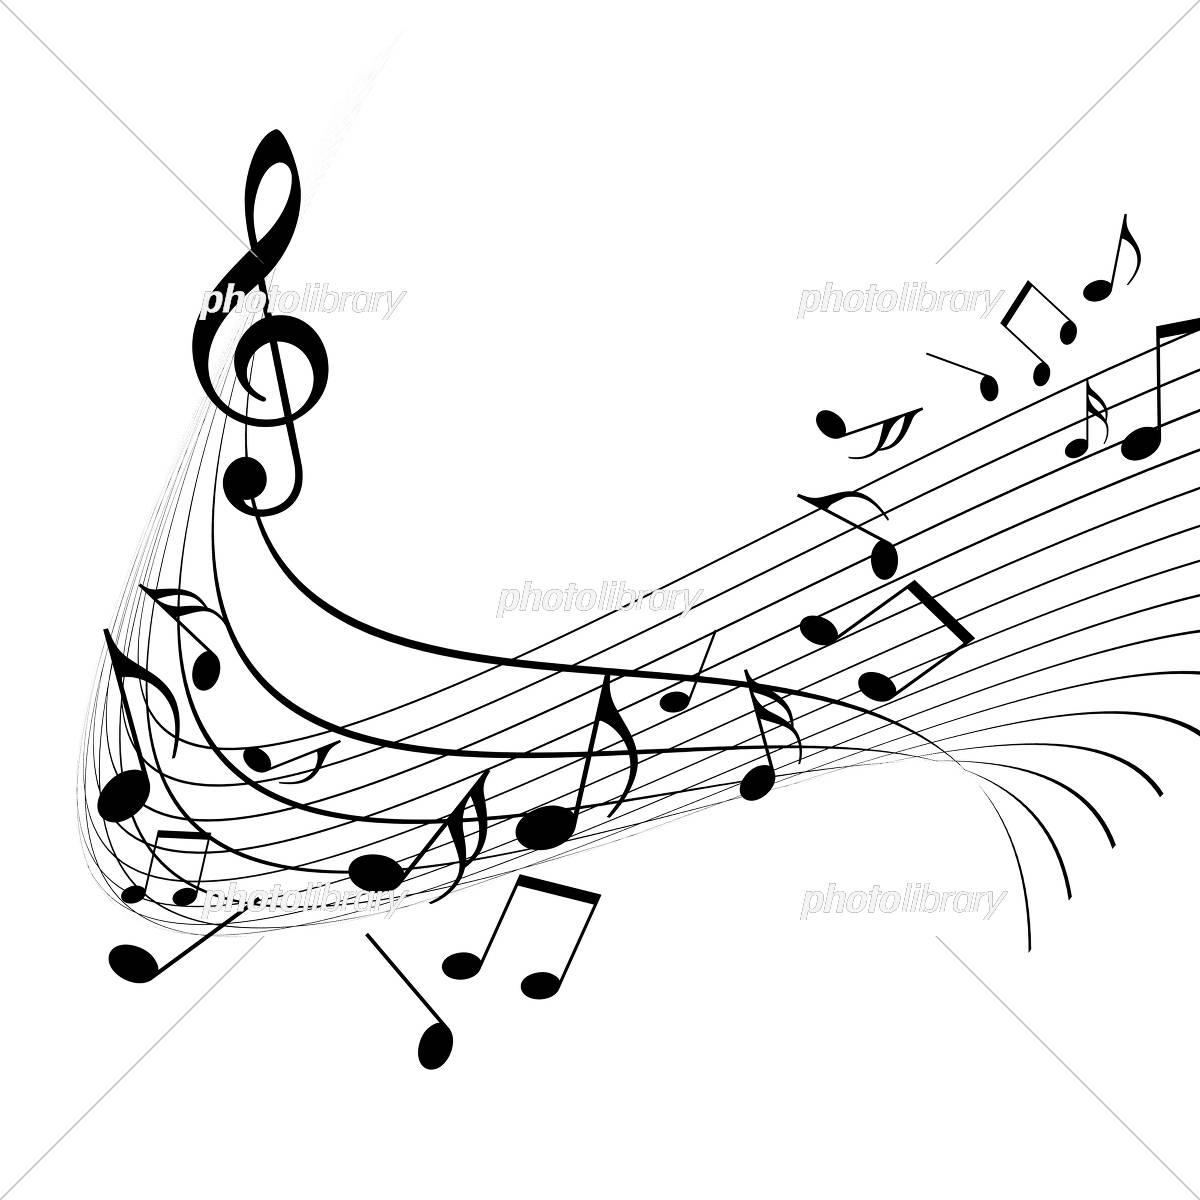 五線譜 音楽 譜面 ミュージック イラスト素材 [ 5150481 ] - フォト